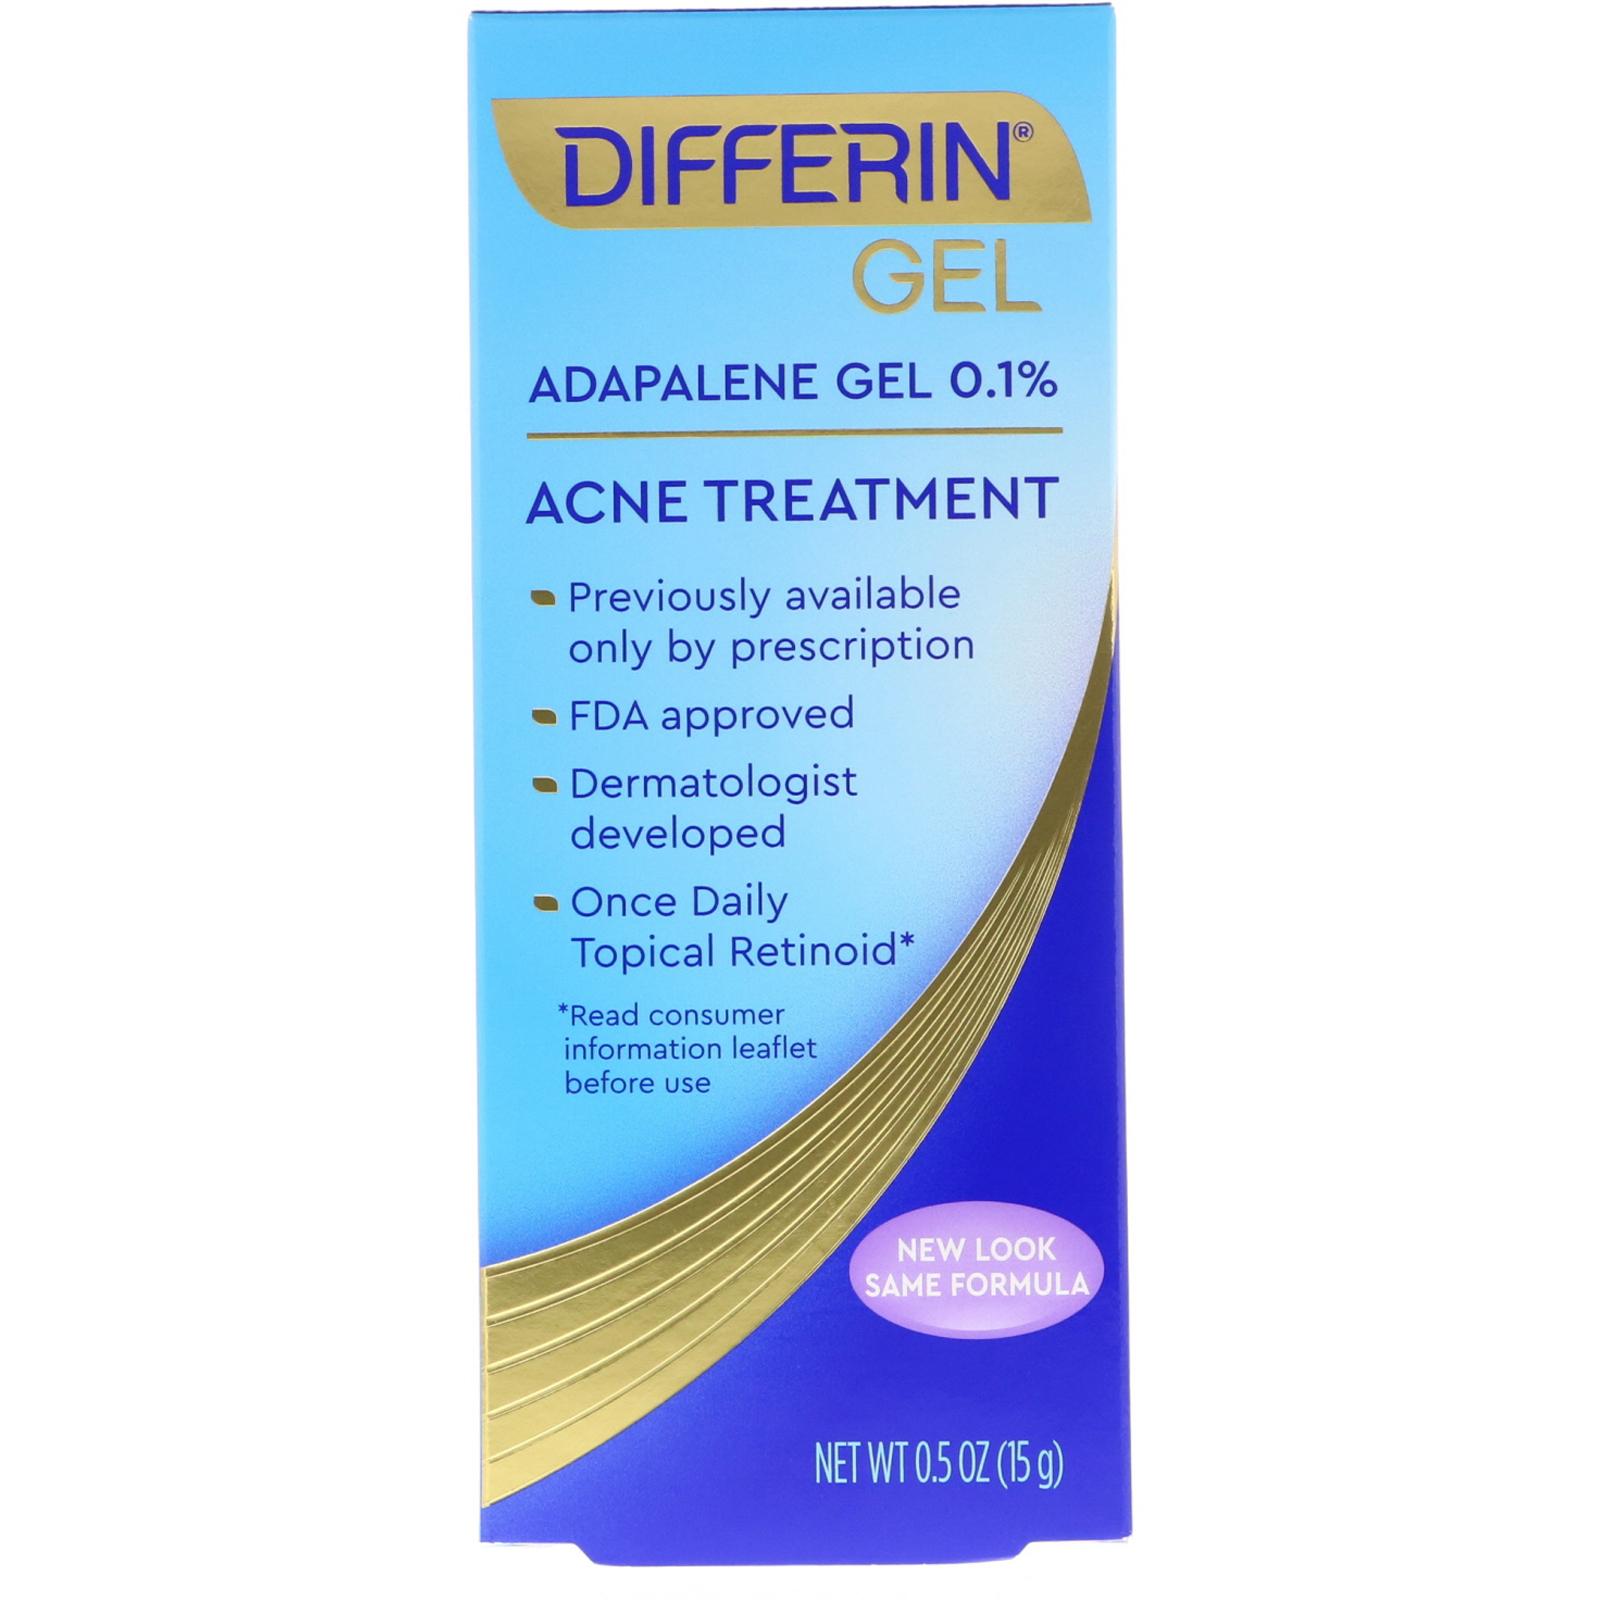 Differin Adapalene Gel 0 1 Acne Treatment 0 5 Oz 15 G Iherb